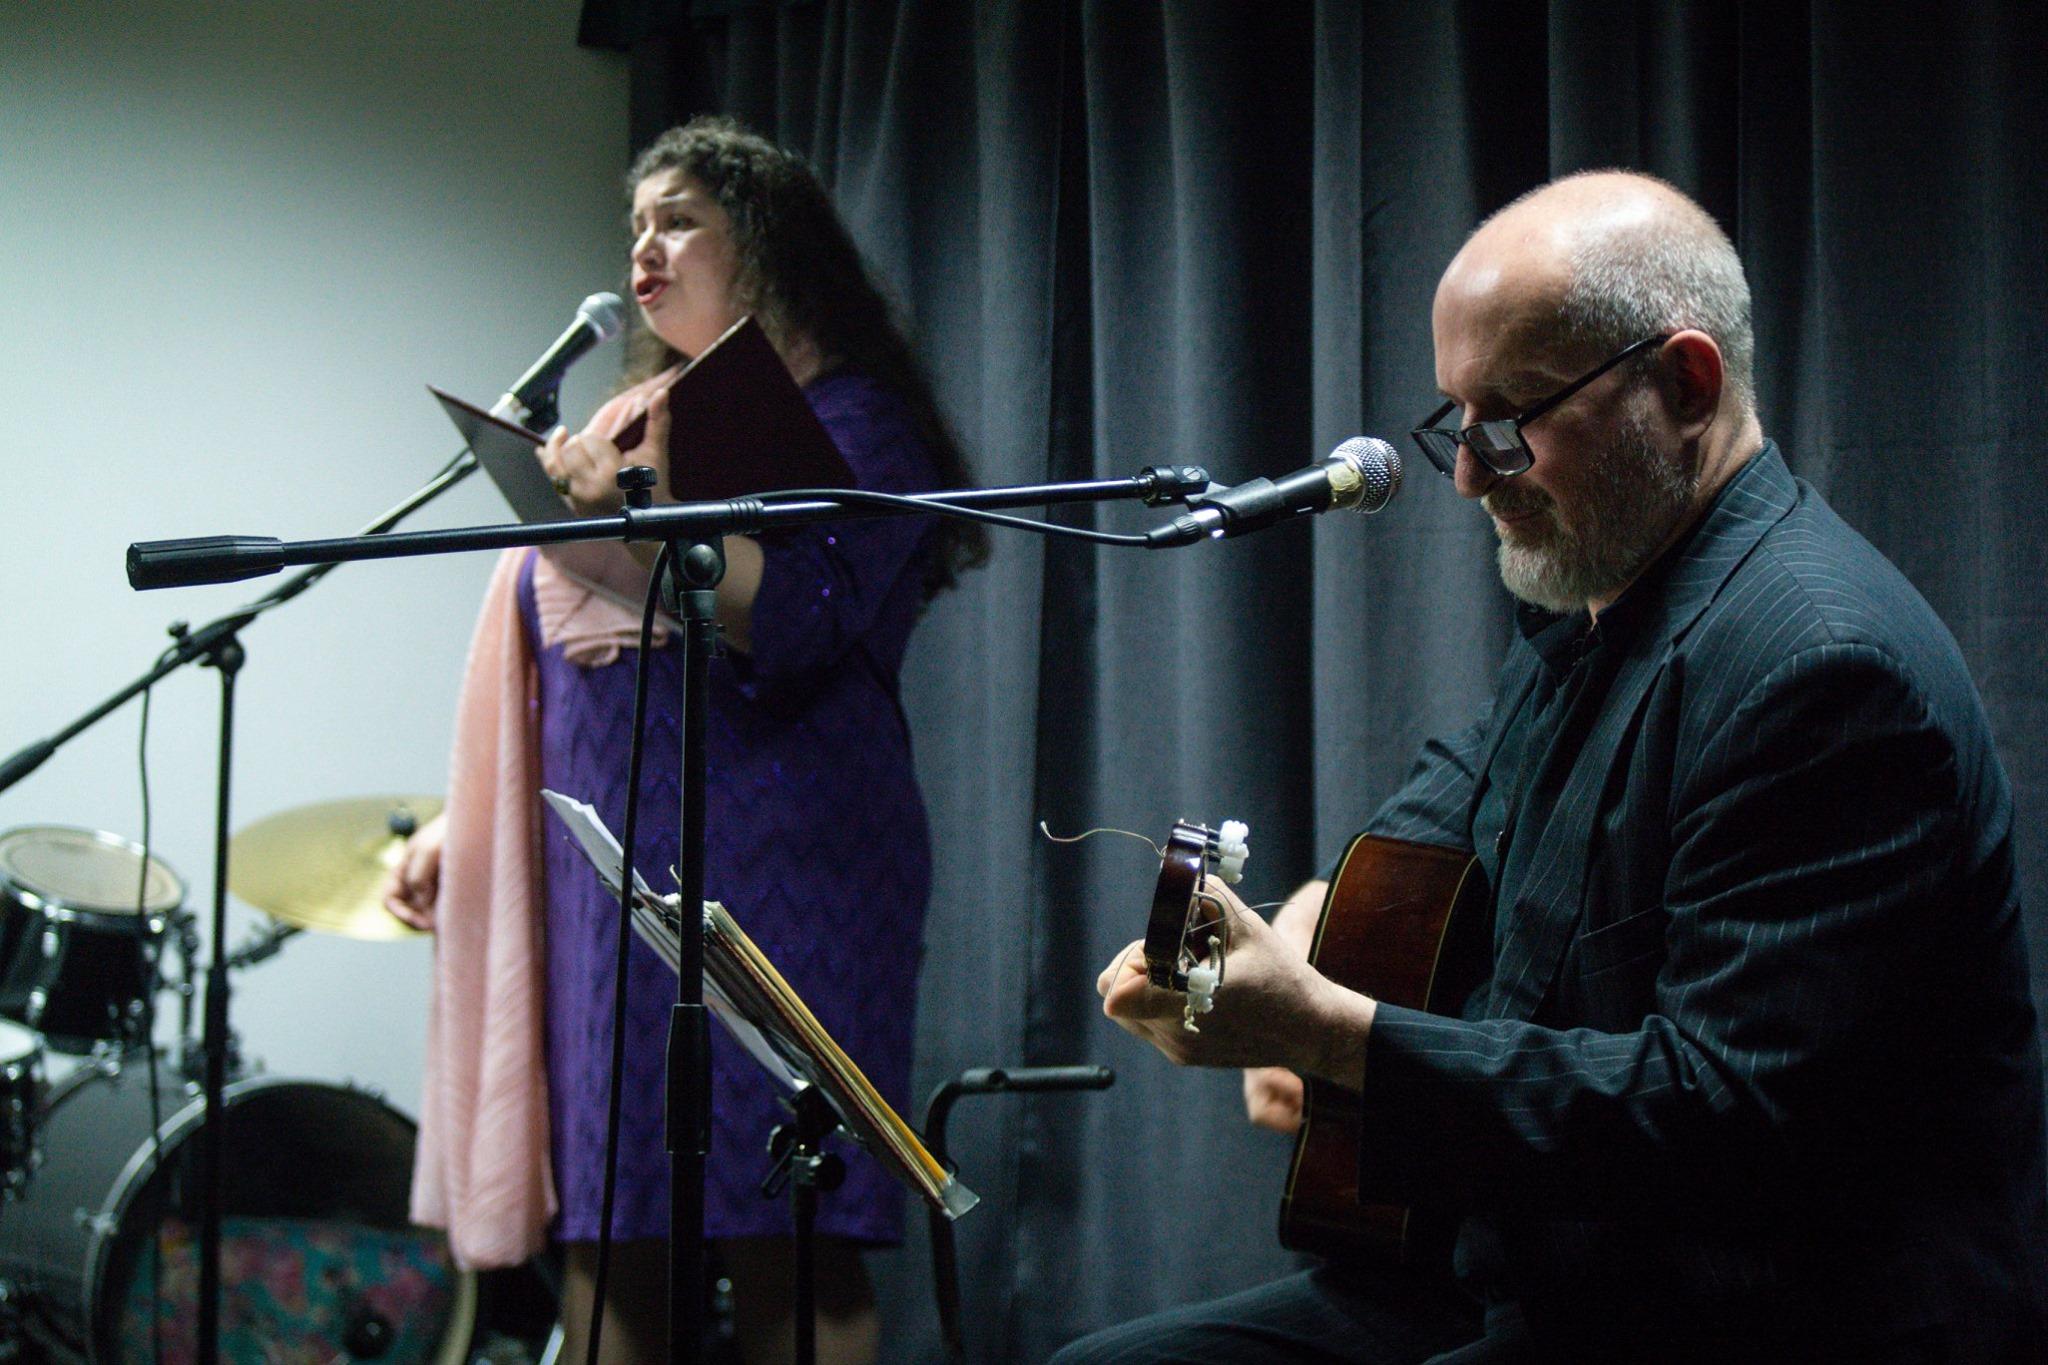 Вокальный дуэт представил концертную программу «Города и годы» в Троицке